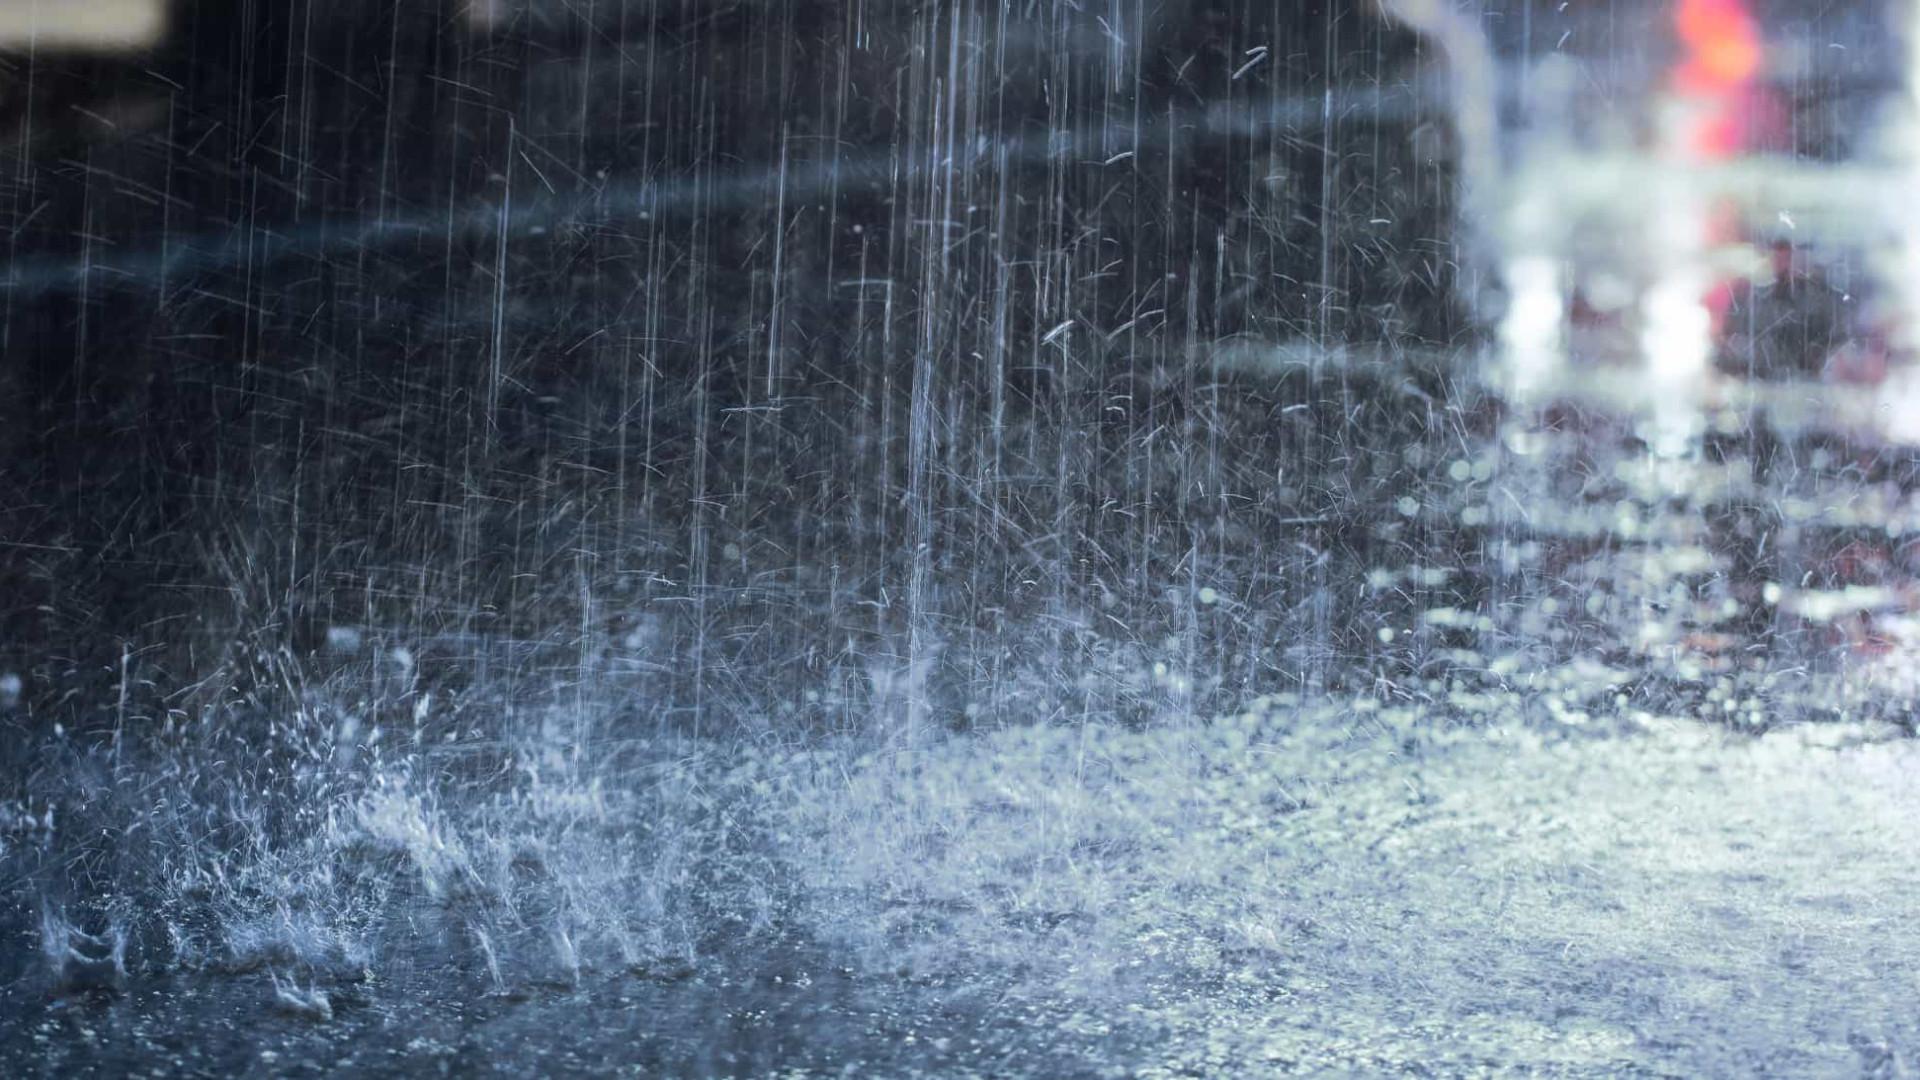 Grande volume de chuvas provoca estragos e alagamentos em Santa Catarina